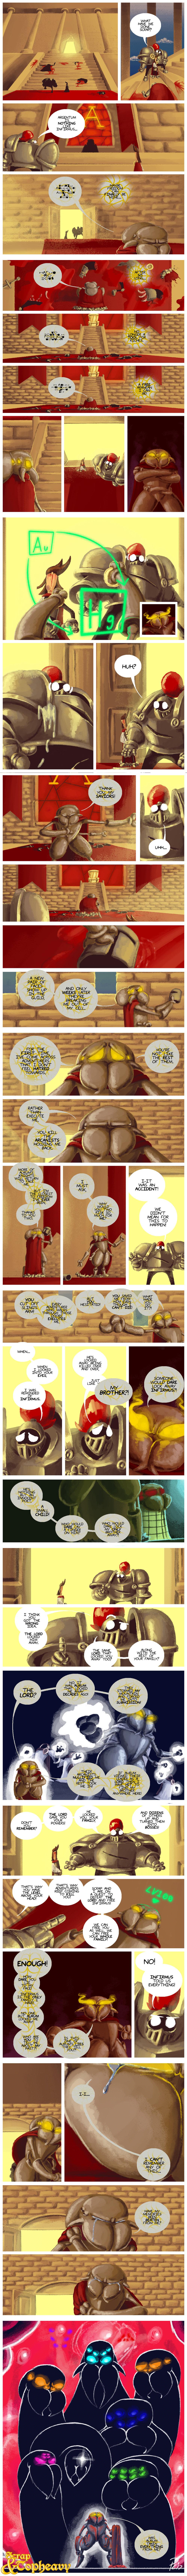 Comic50.jpg